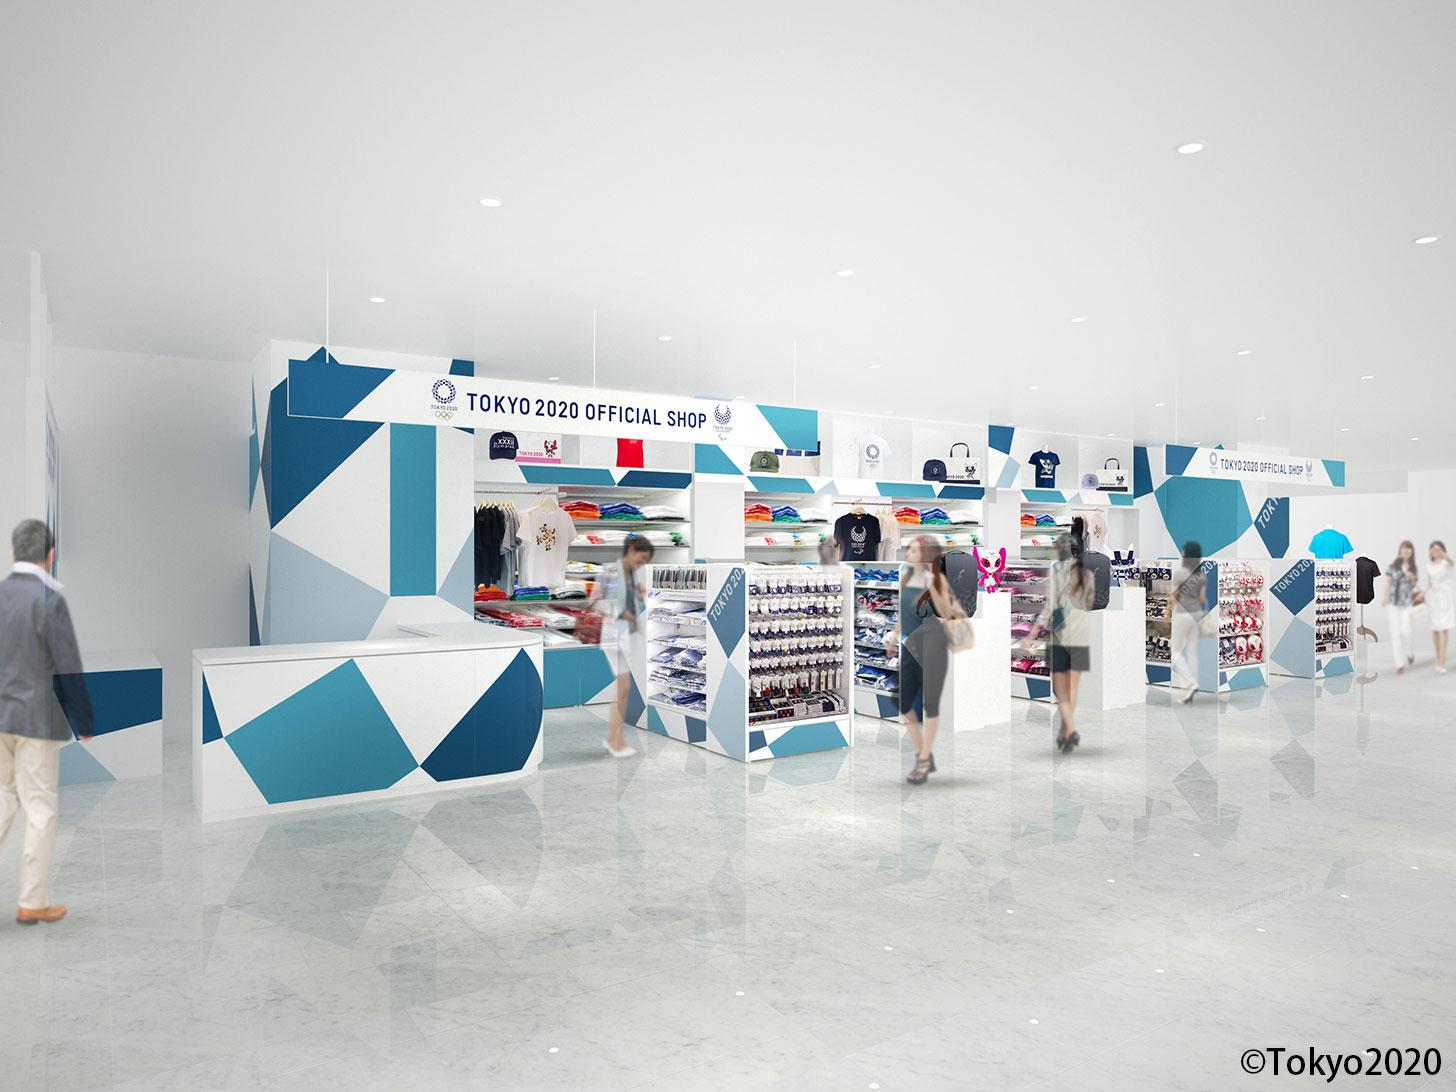 東京2020オフィシャルショップ、横浜駅東口・マルイシティ横浜にオープン!